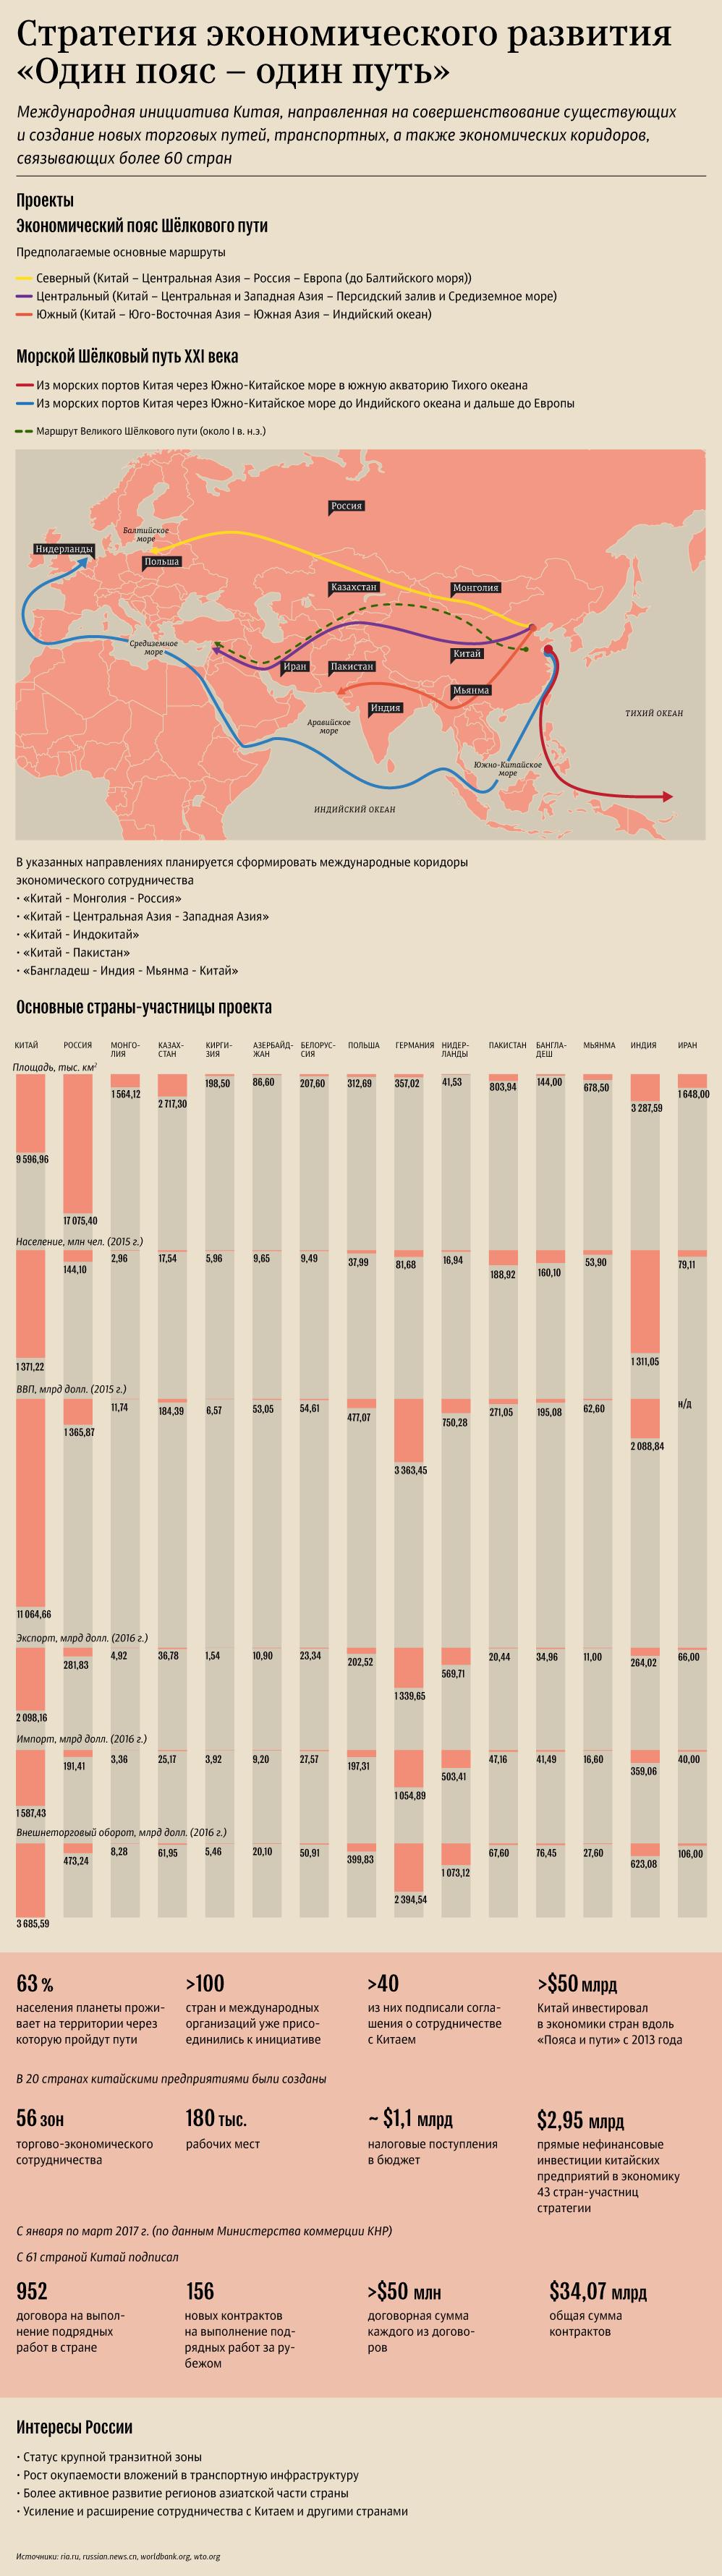 Инфографика: Стратегия экономического развития Один пояс - один путь